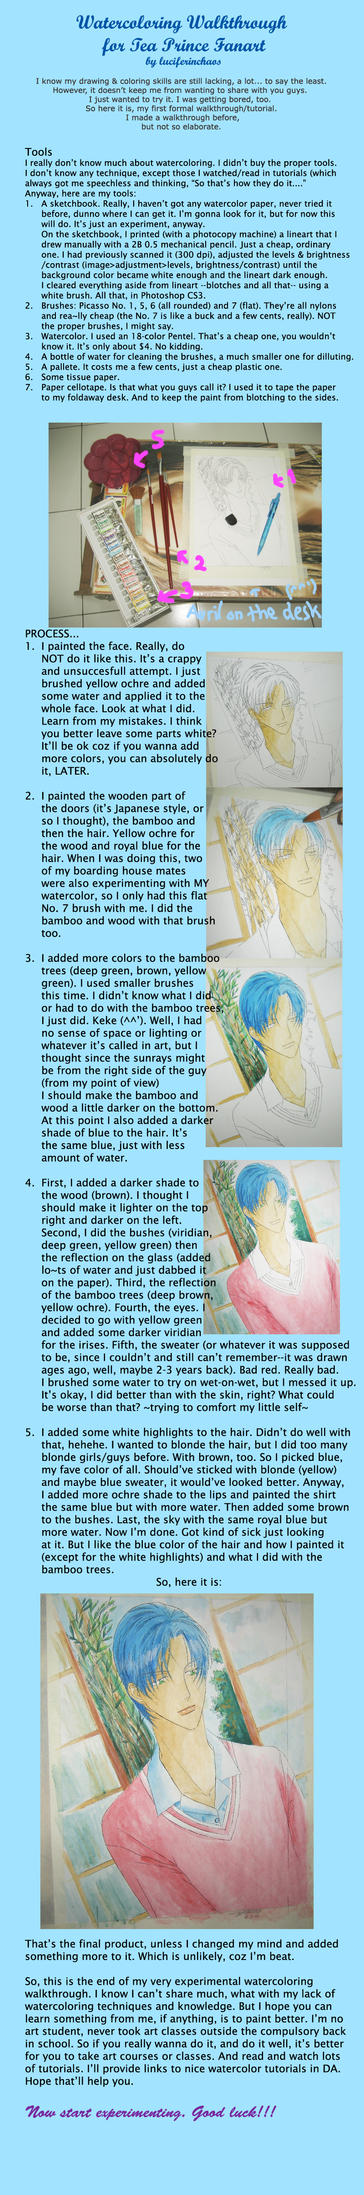 Reiichi Watercolor Walkthru 1 by luciferinchaos